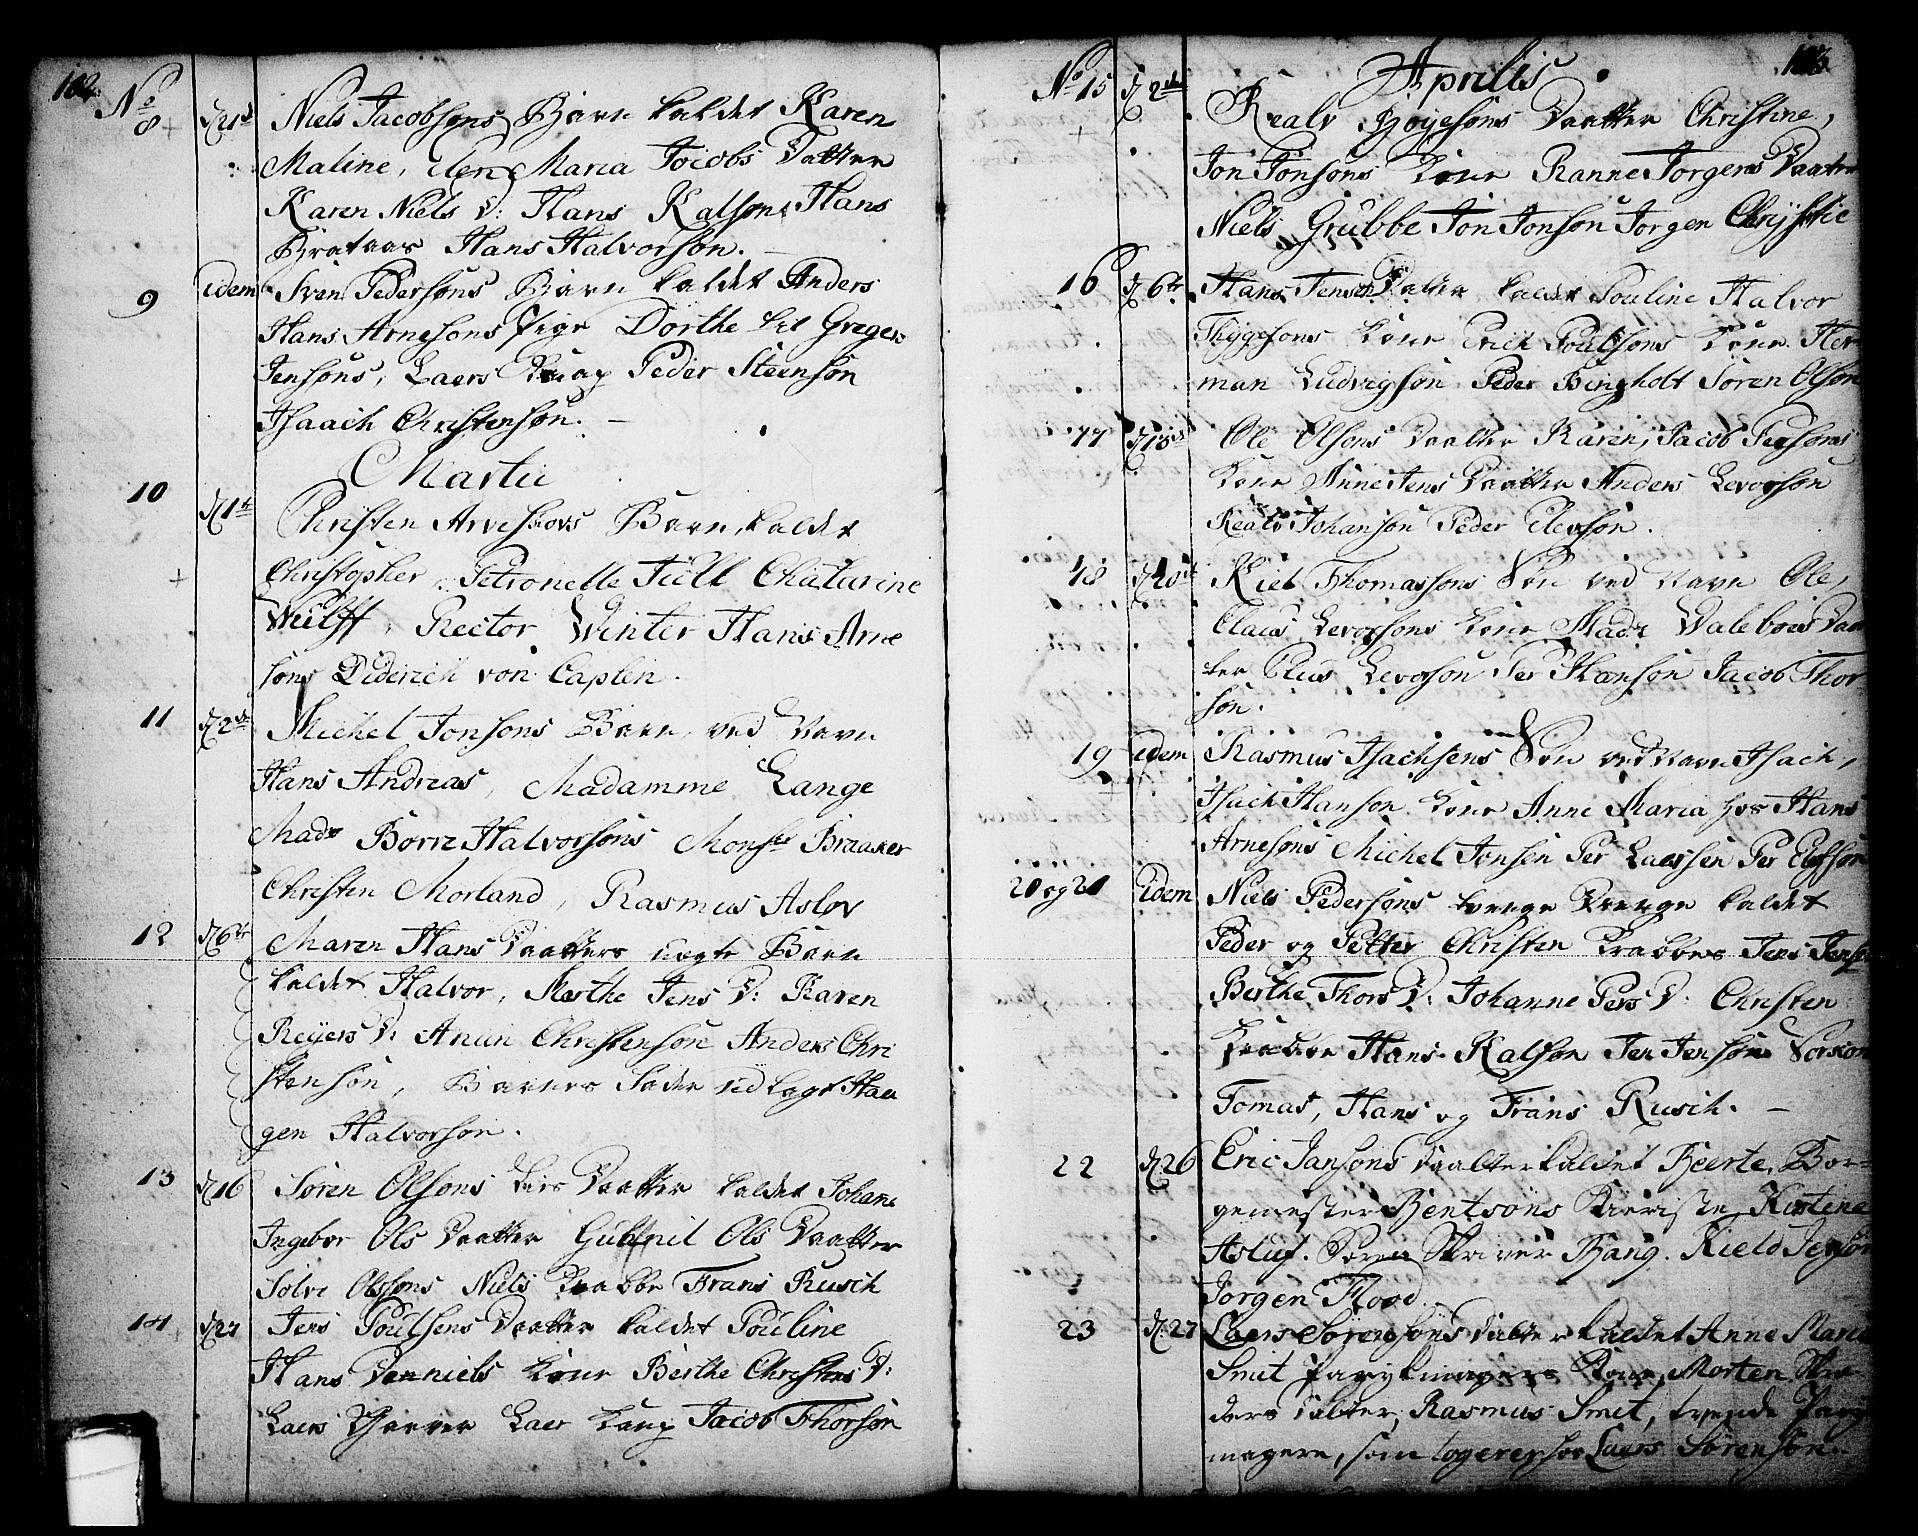 SAKO, Skien kirkebøker, F/Fa/L0003: Ministerialbok nr. 3, 1755-1791, s. 102-103